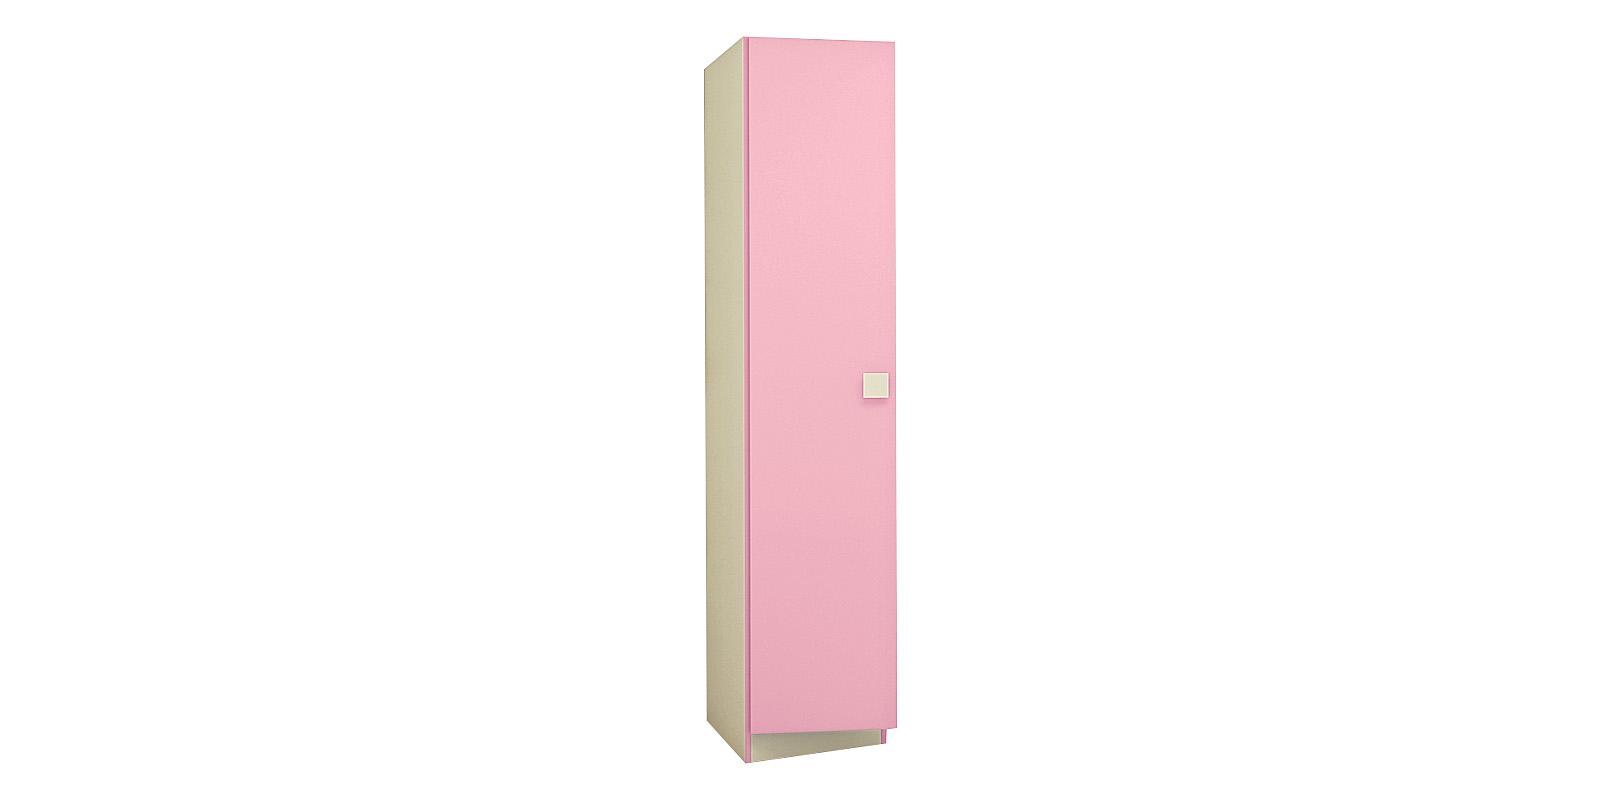 Шкаф распашной однодверный Нова (бежевый/розовый)